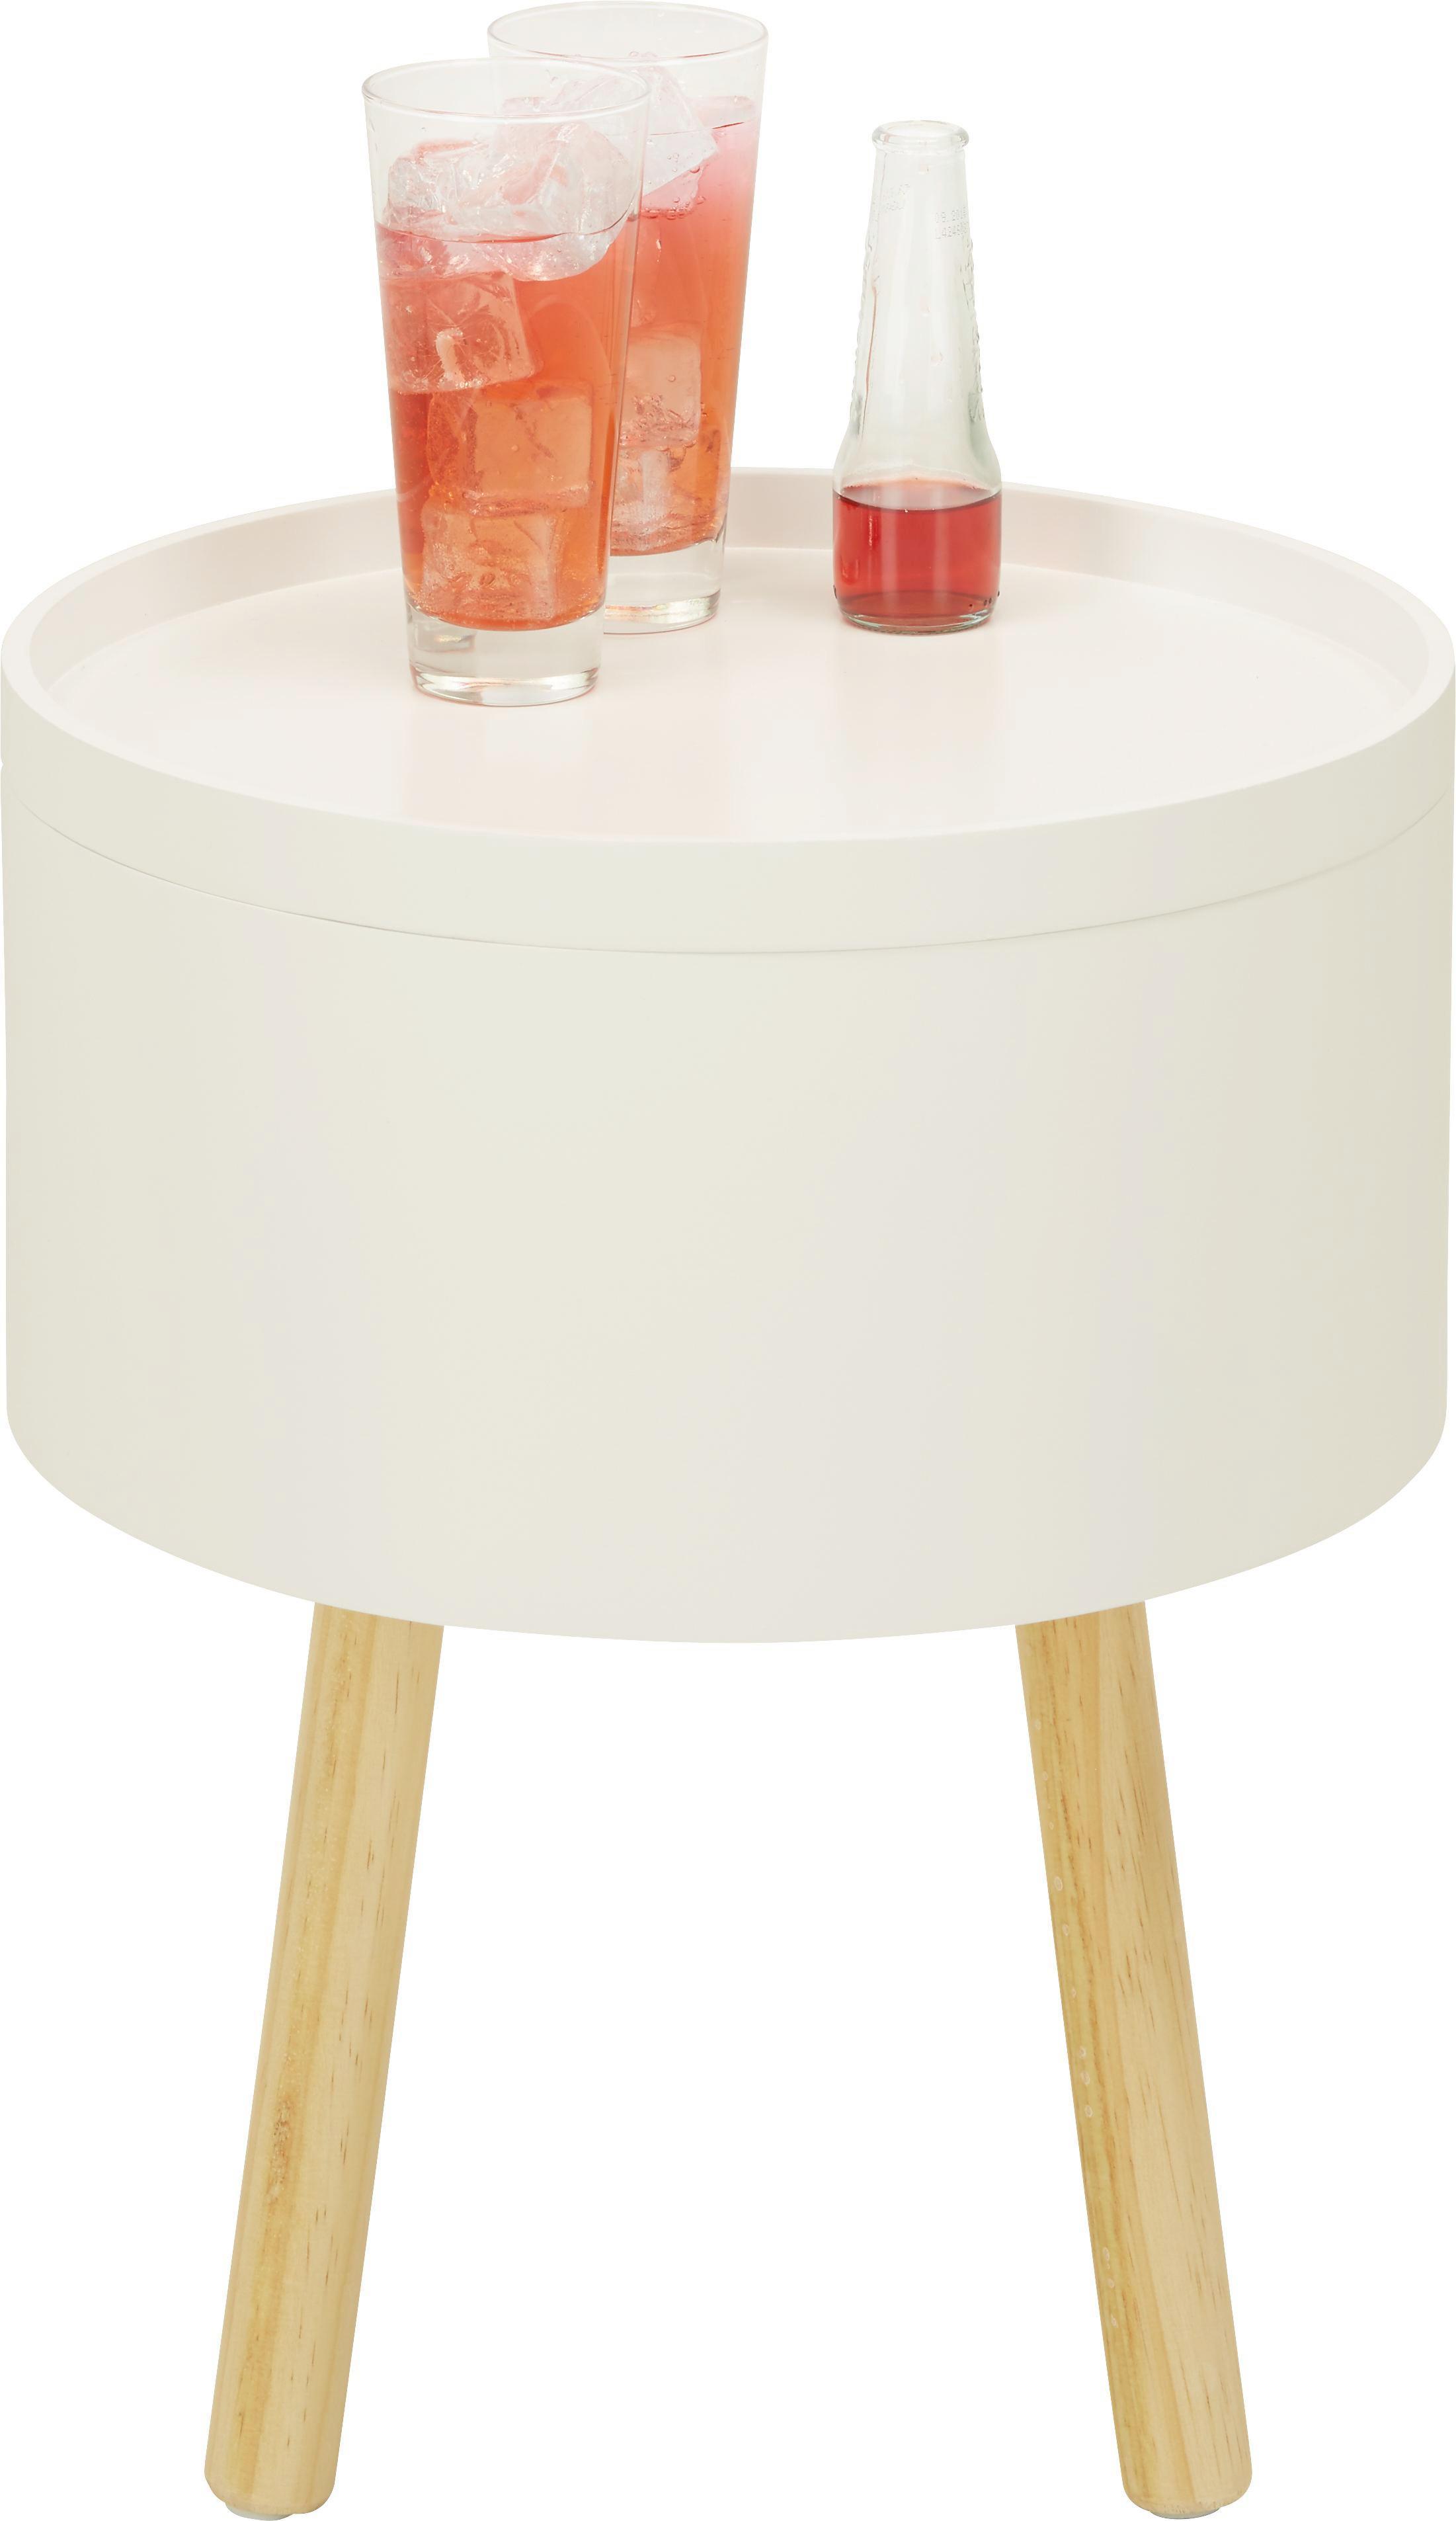 Beistelltisch in Weiß/Natur aus Holz - Braun/Weiß, MODERN, Holz/Holzwerkstoff (38/45/38cm) - MÖMAX modern living